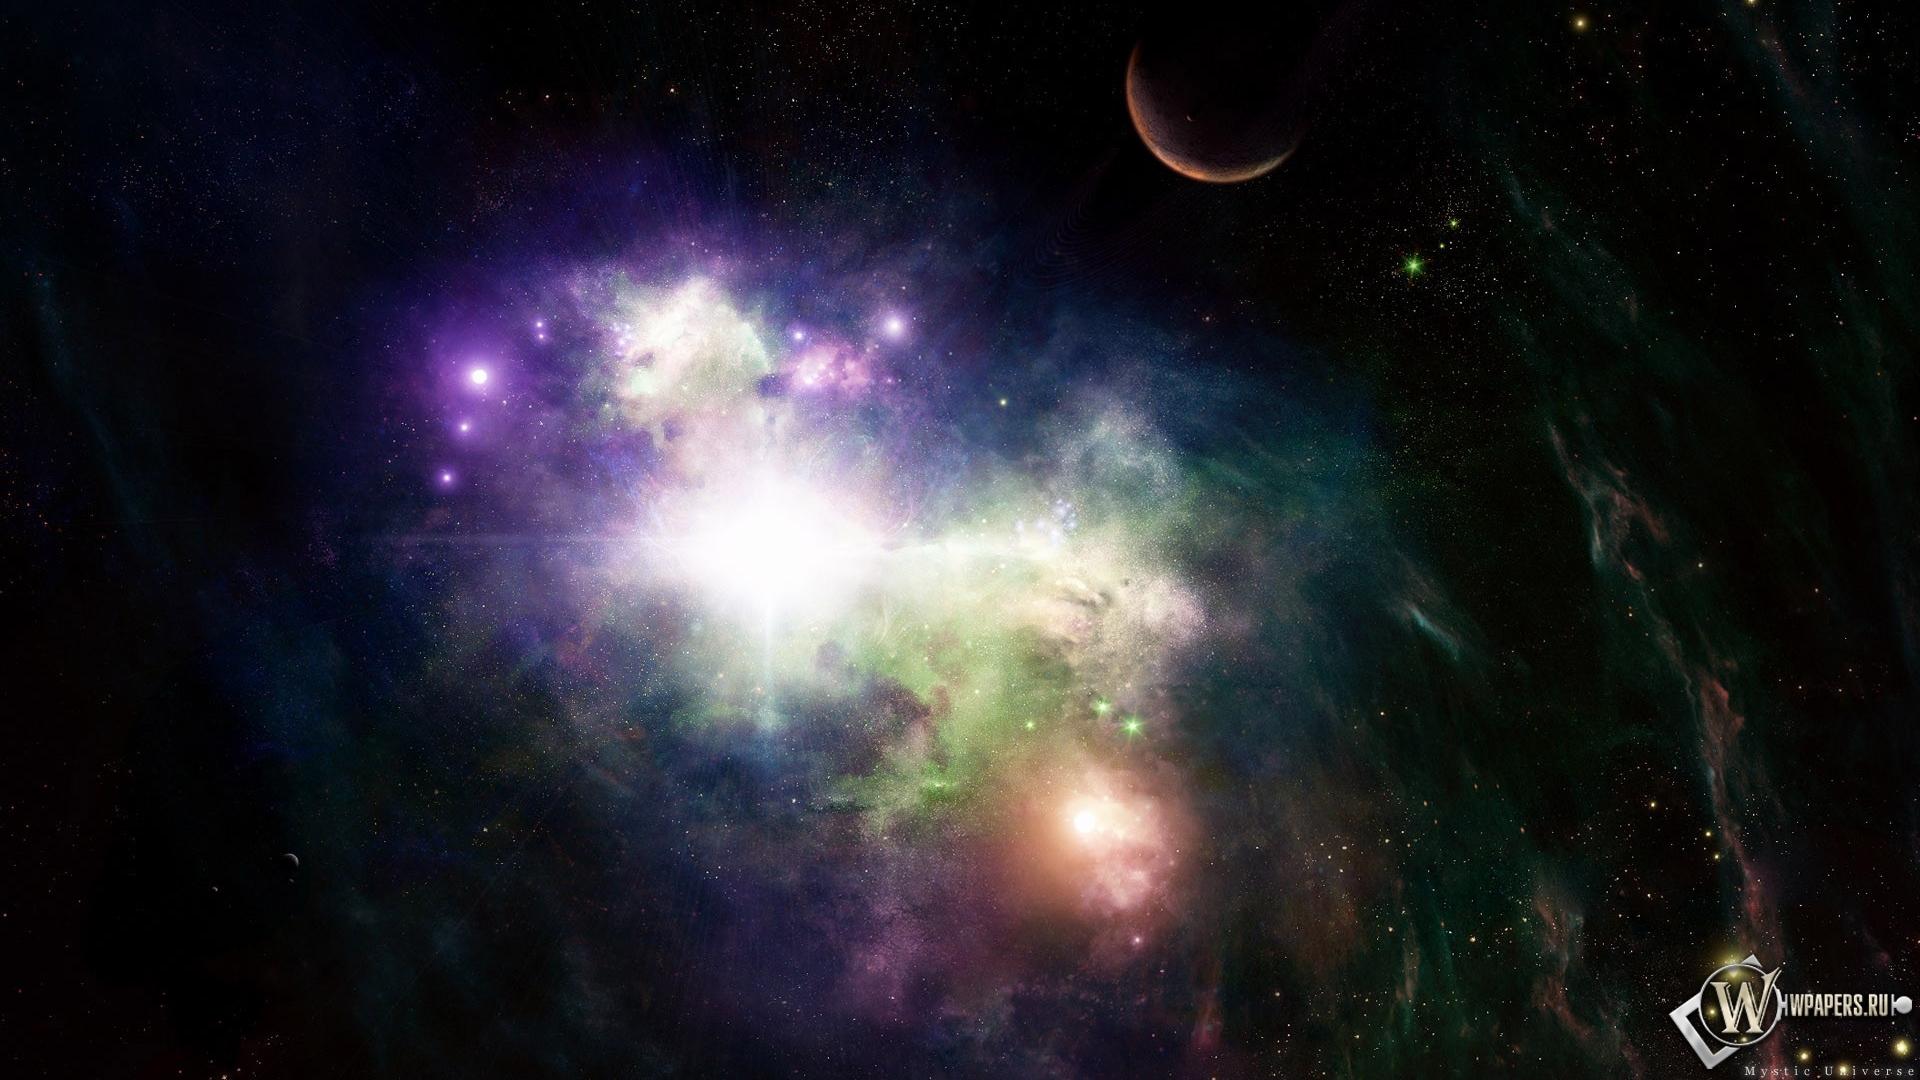 Галактика обои на рабочий стол 1920х1080 7